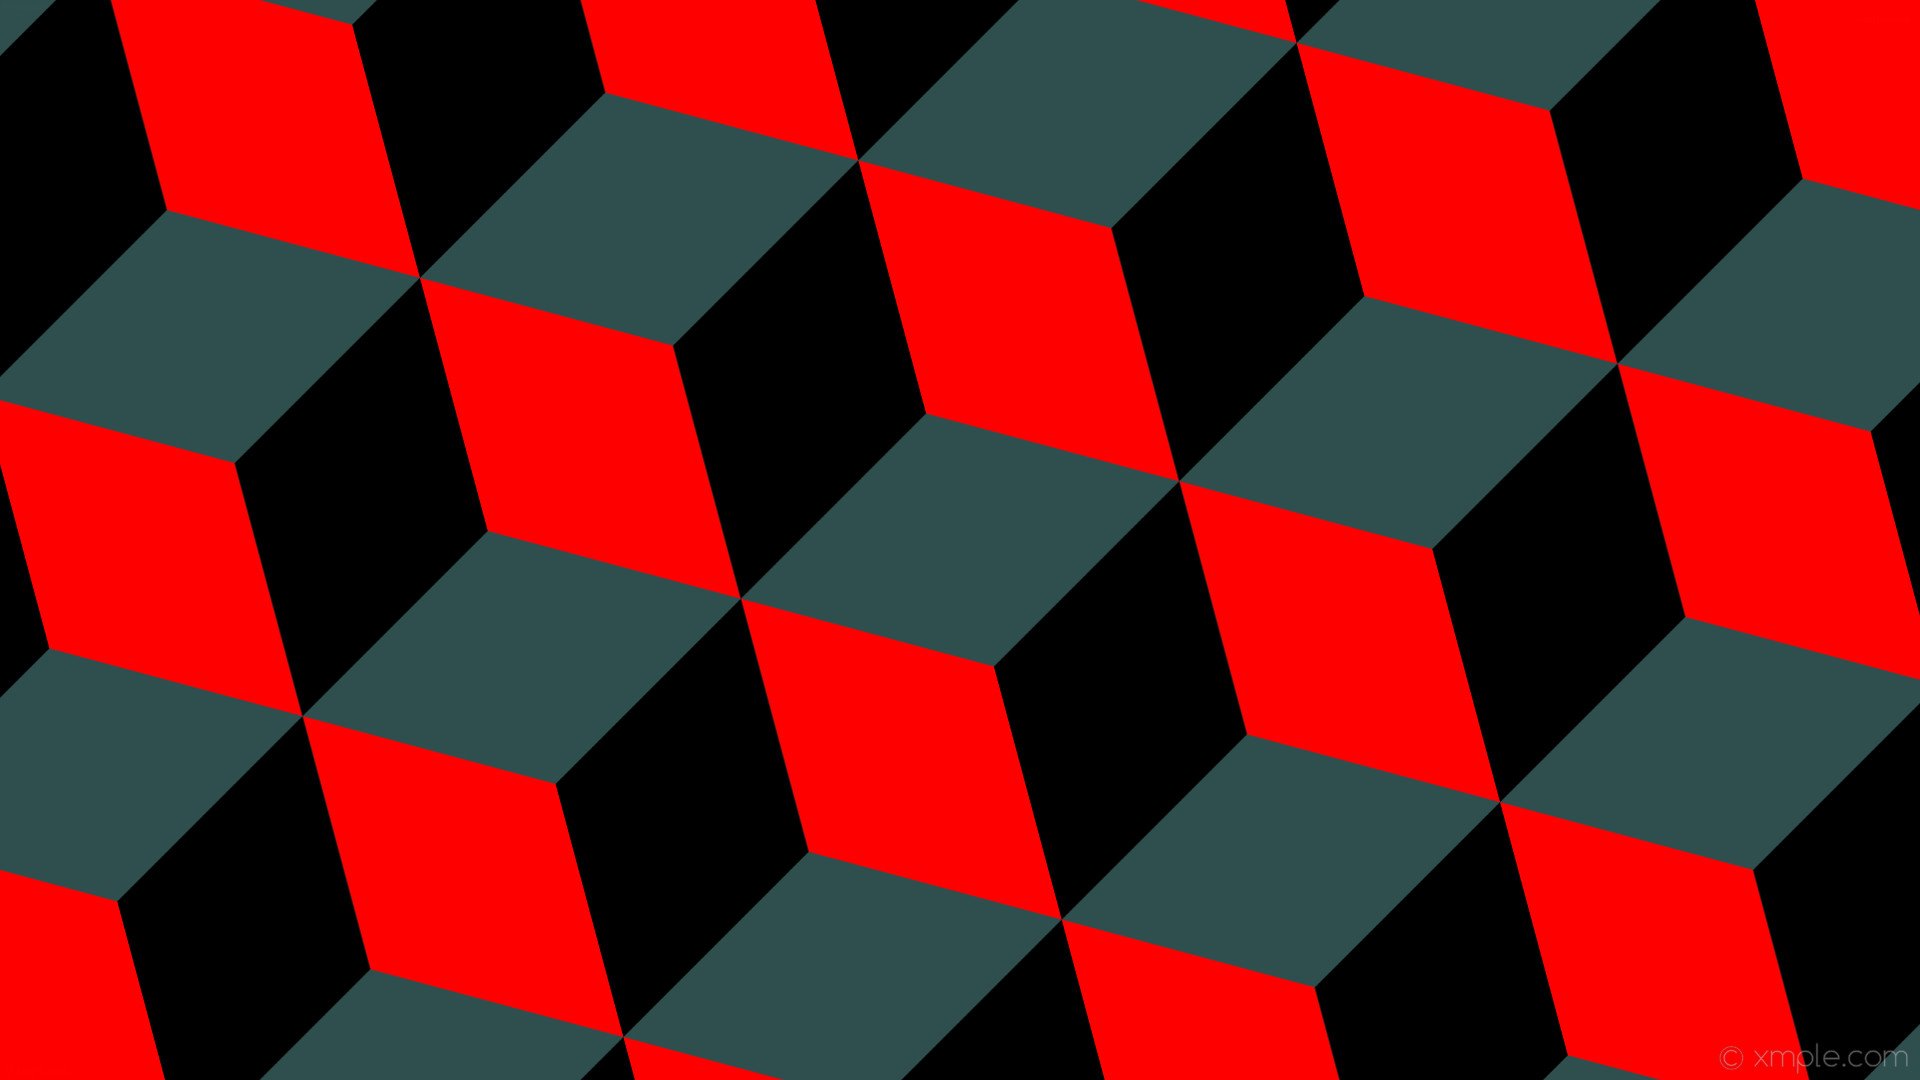 wallpaper red 3d cubes grey black dark slate gray #2f4f4f #ff0000 #000000 15